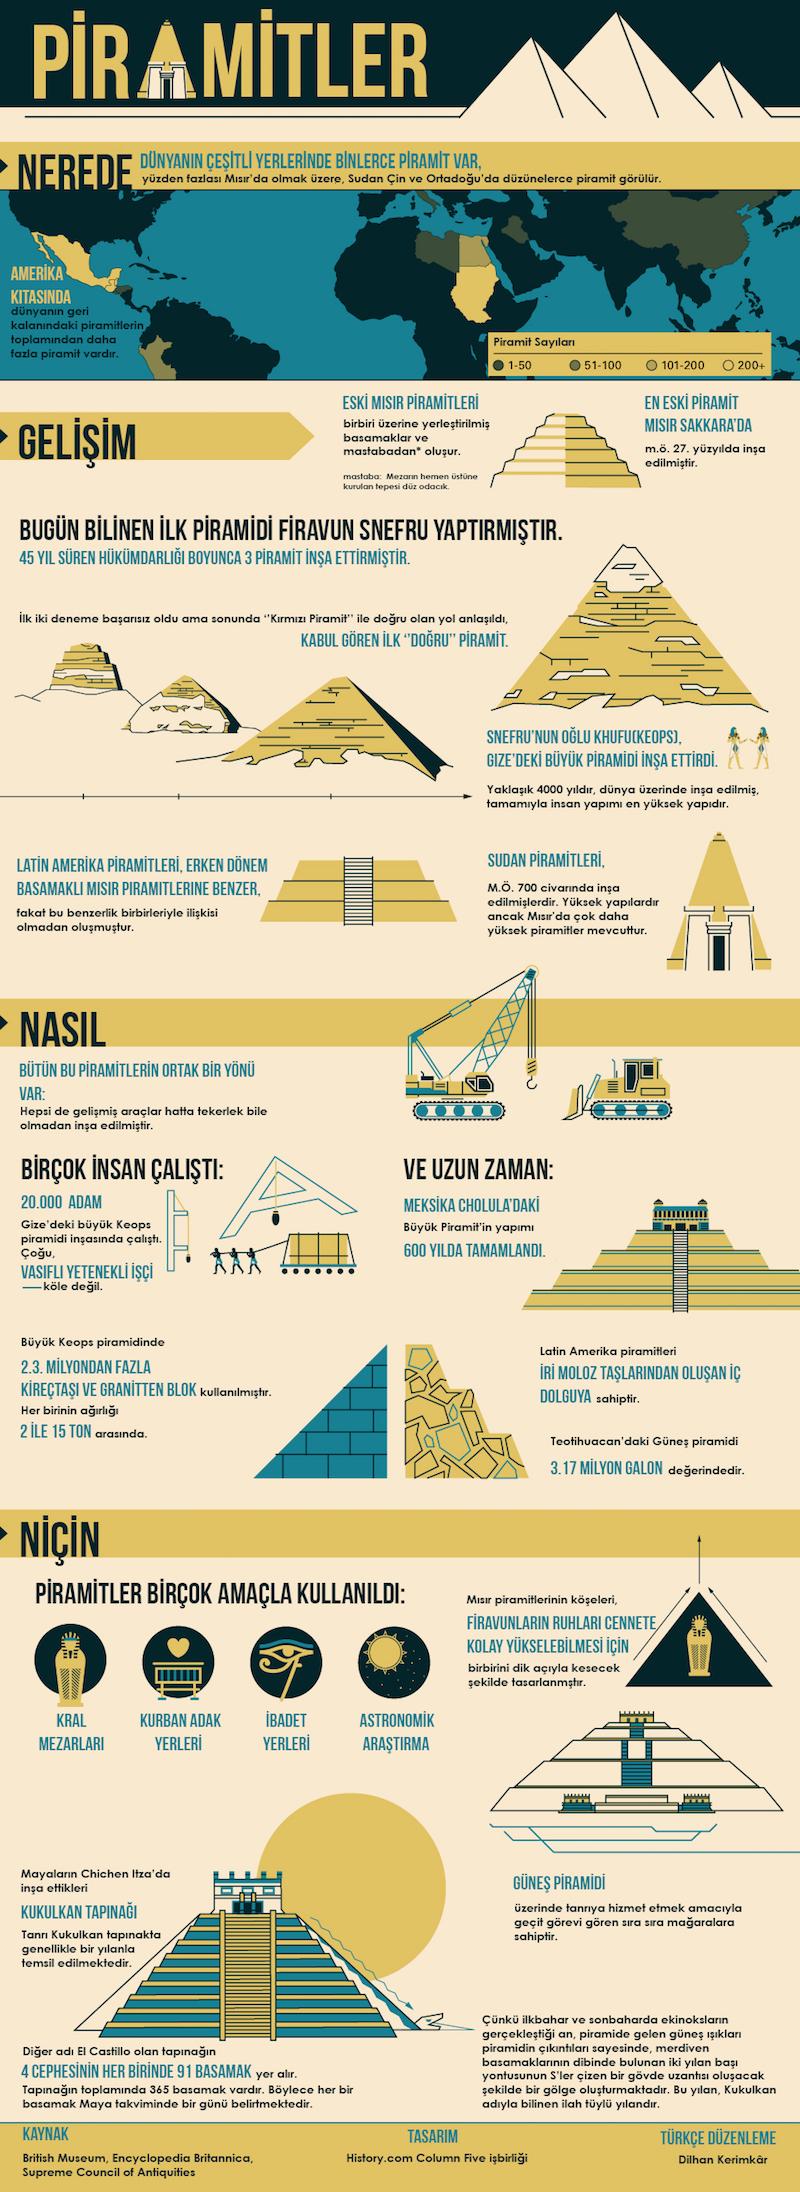 İnfografik Anlatımla Piramitler